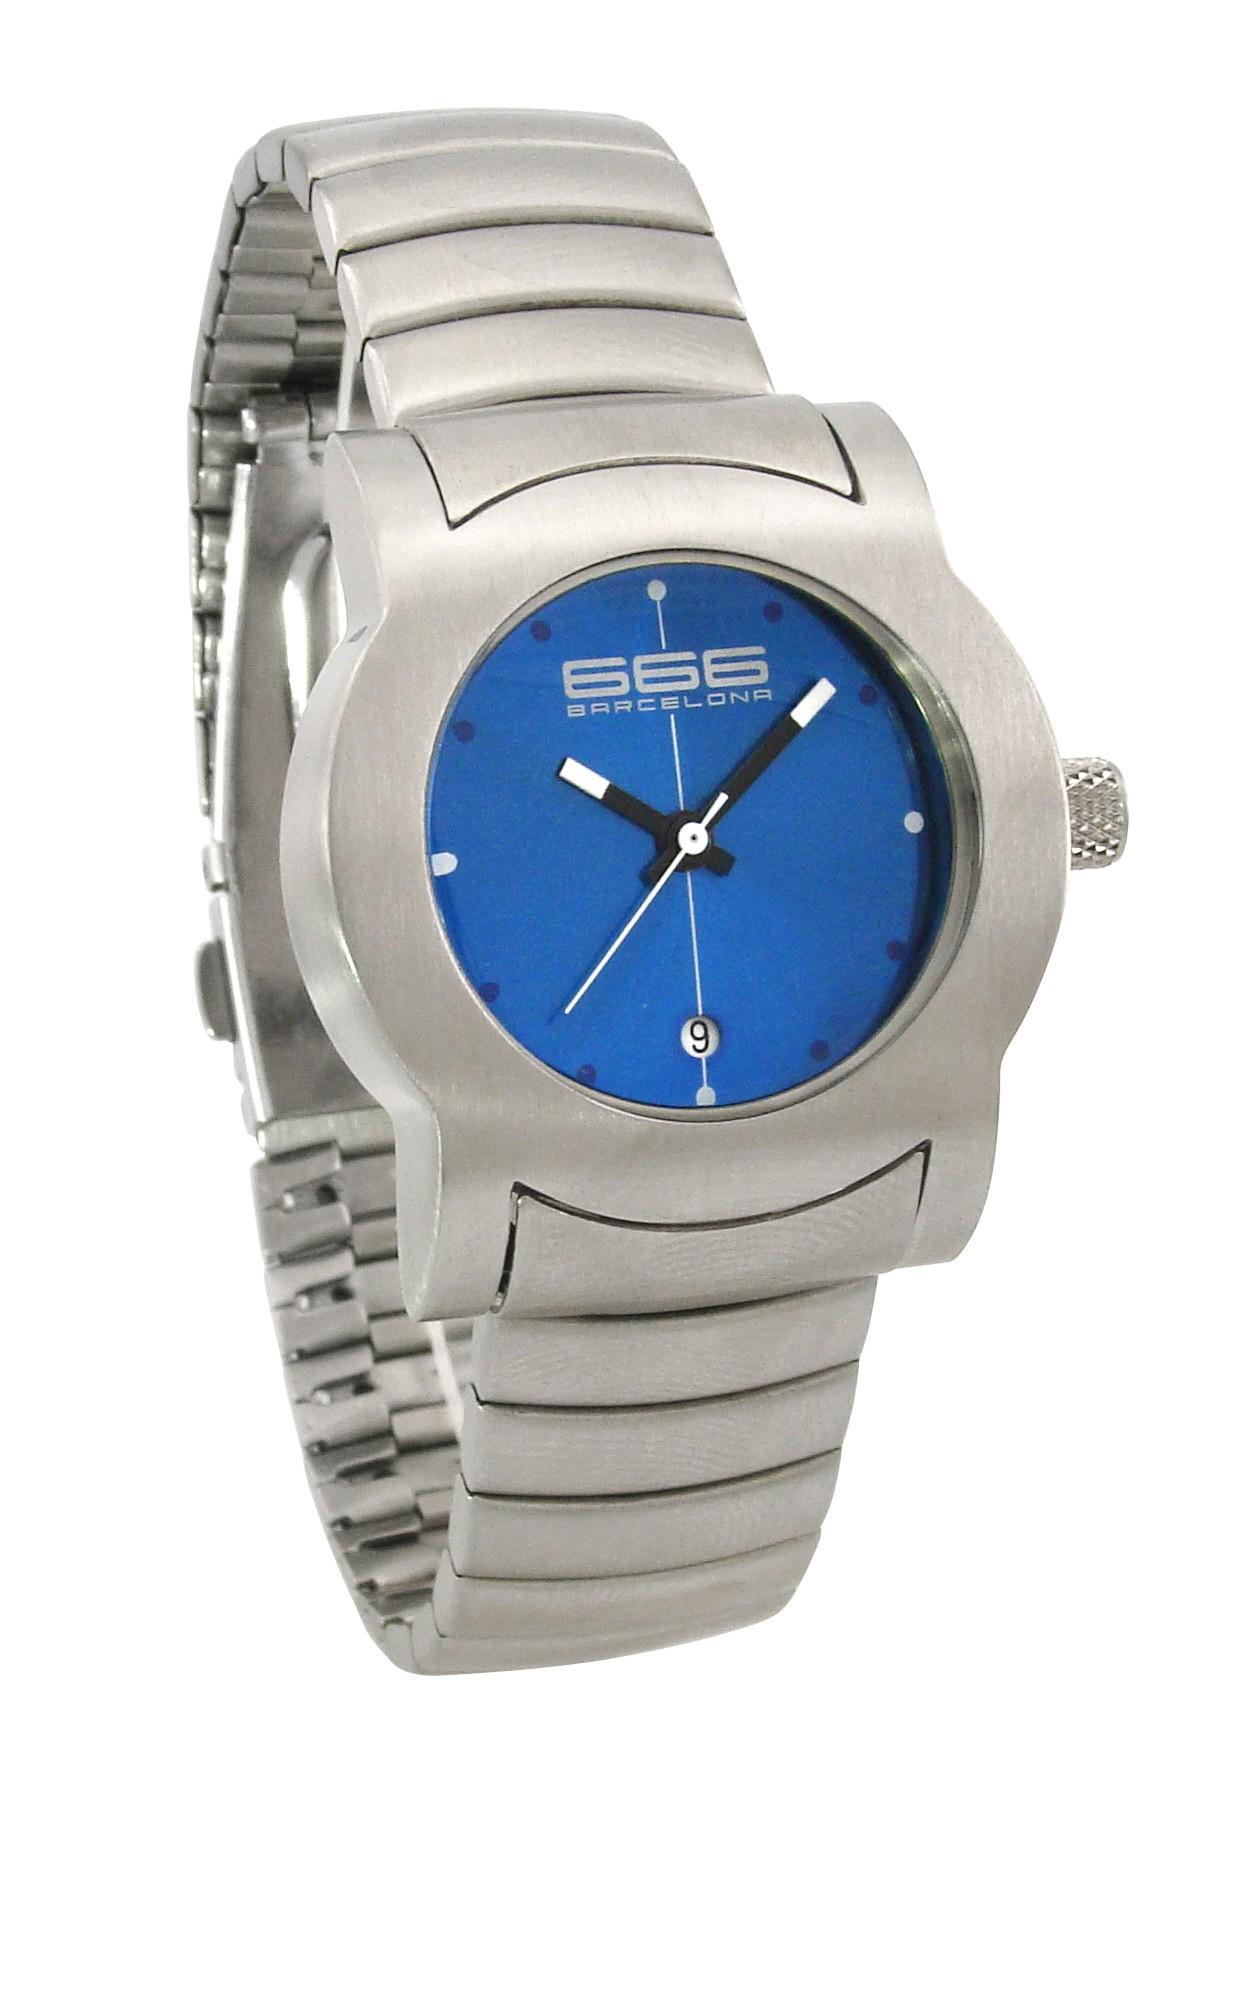 a0171988a82 Compra jóias e relógios com grandes descontos